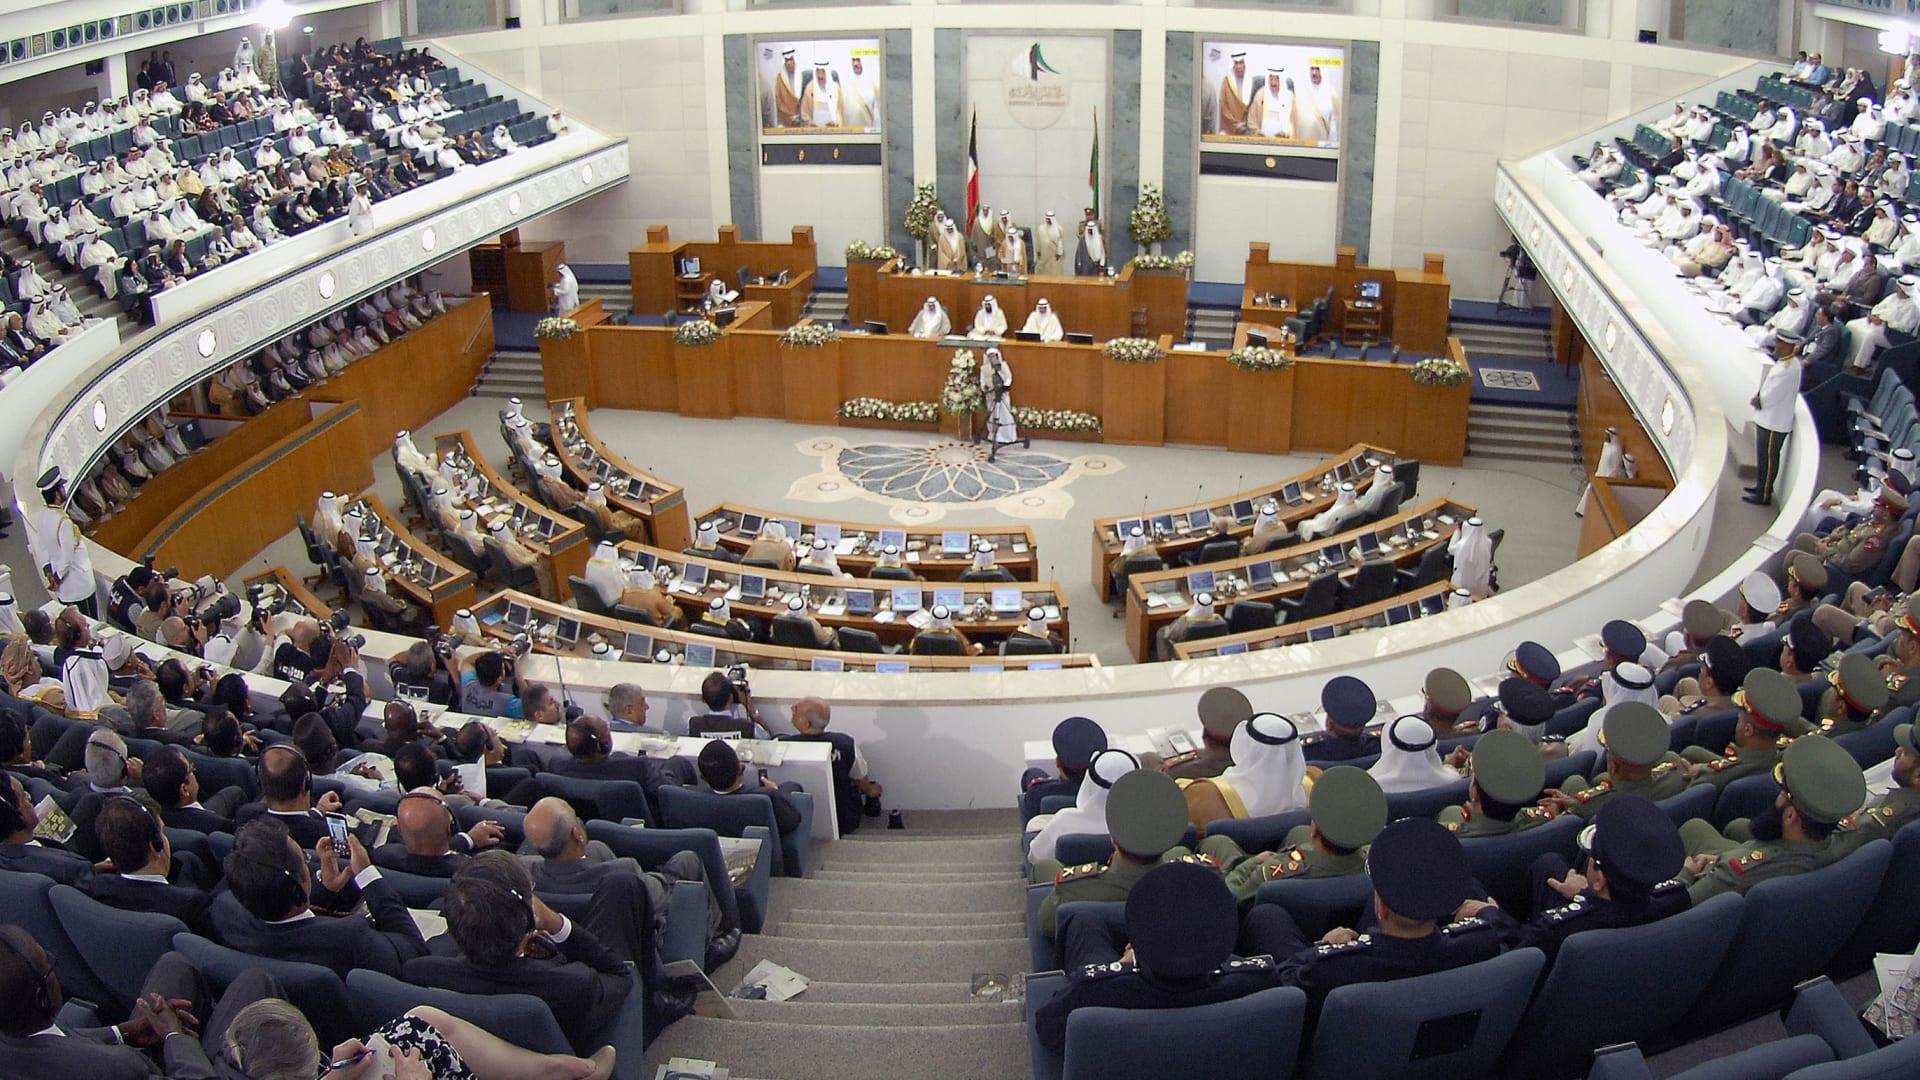 انتخابات مجلس الأمة 2020 في الكويت.. إجراءات احترازية مشددة وظروف غير مسبوقة